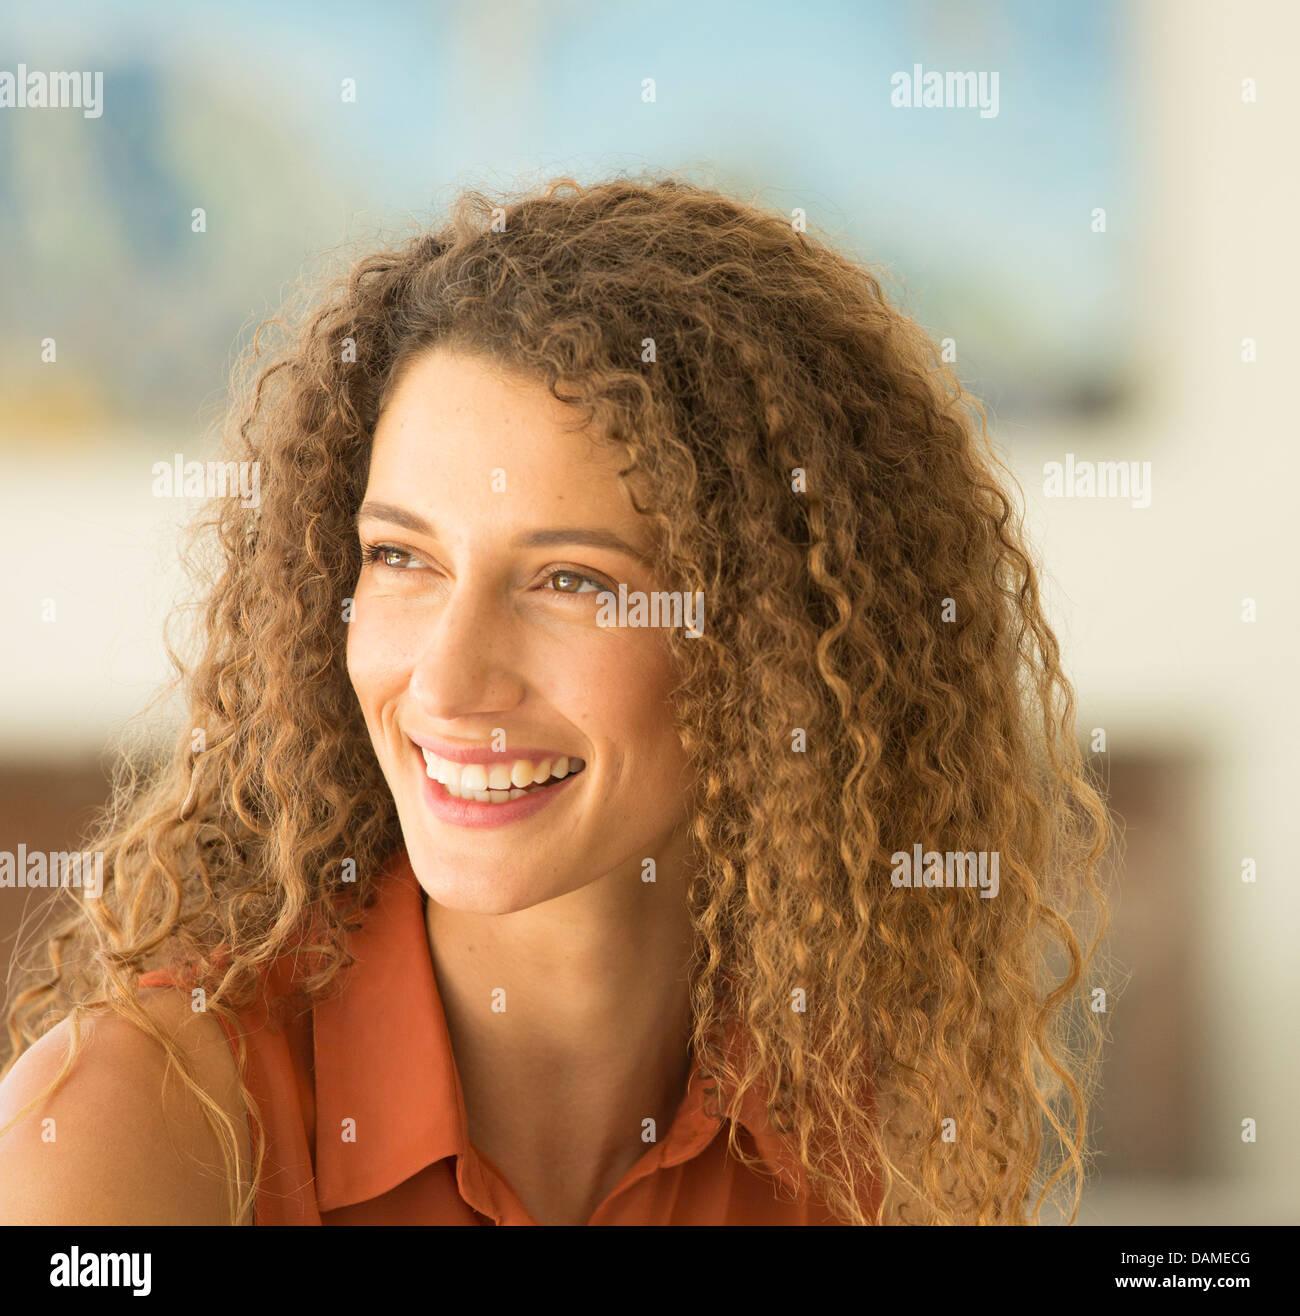 Nahaufnahme eines Weibes lächelndes Gesicht Stockbild